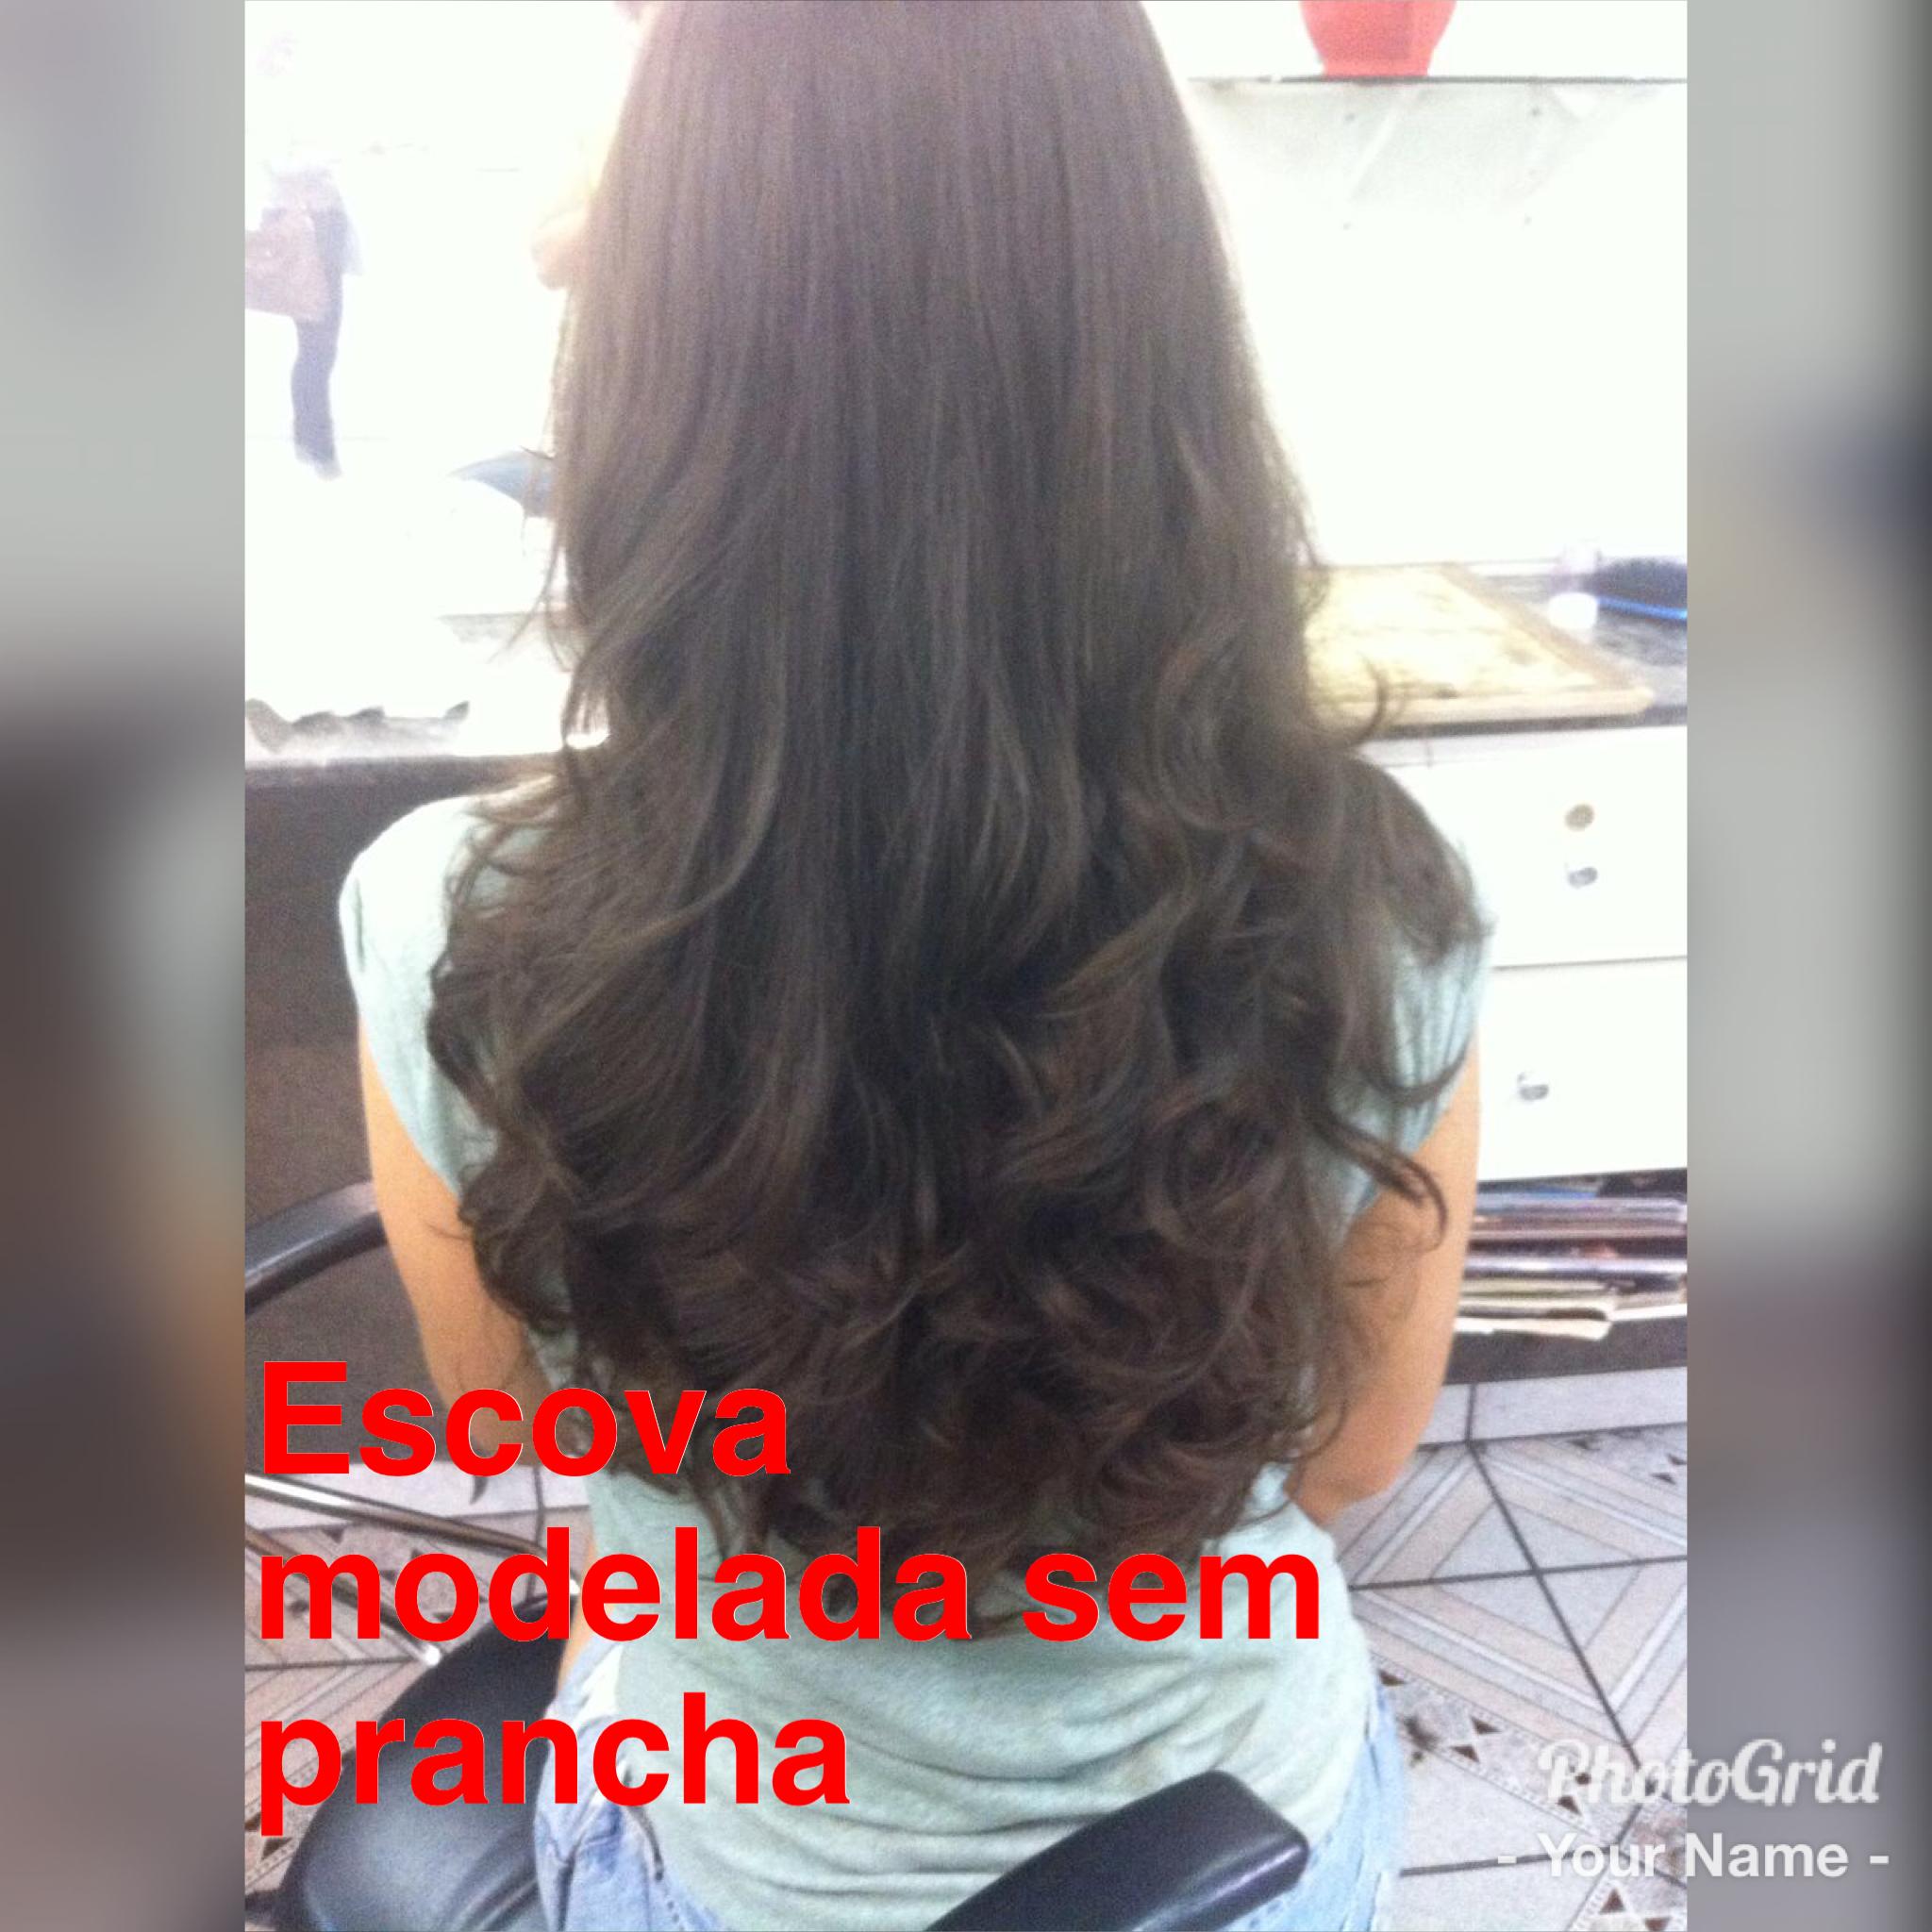 A cliente deseja uma escova modelada só que sem usar a prancha! cabelo auxiliar cabeleireiro(a)